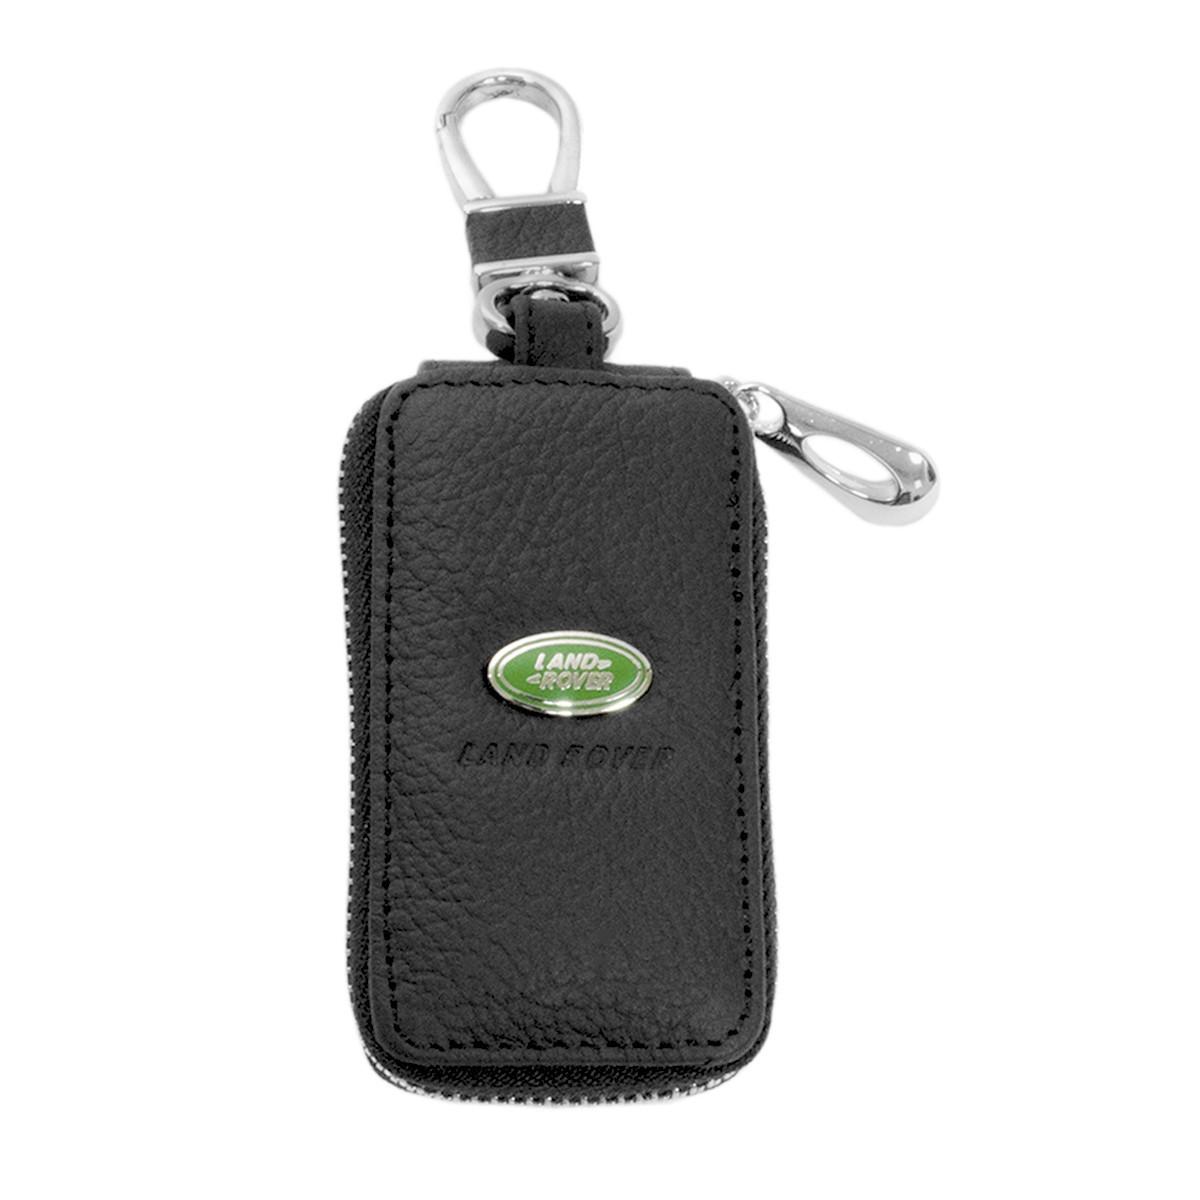 Ключниця Carss з логотипом LAND ROVER 15004 чорна